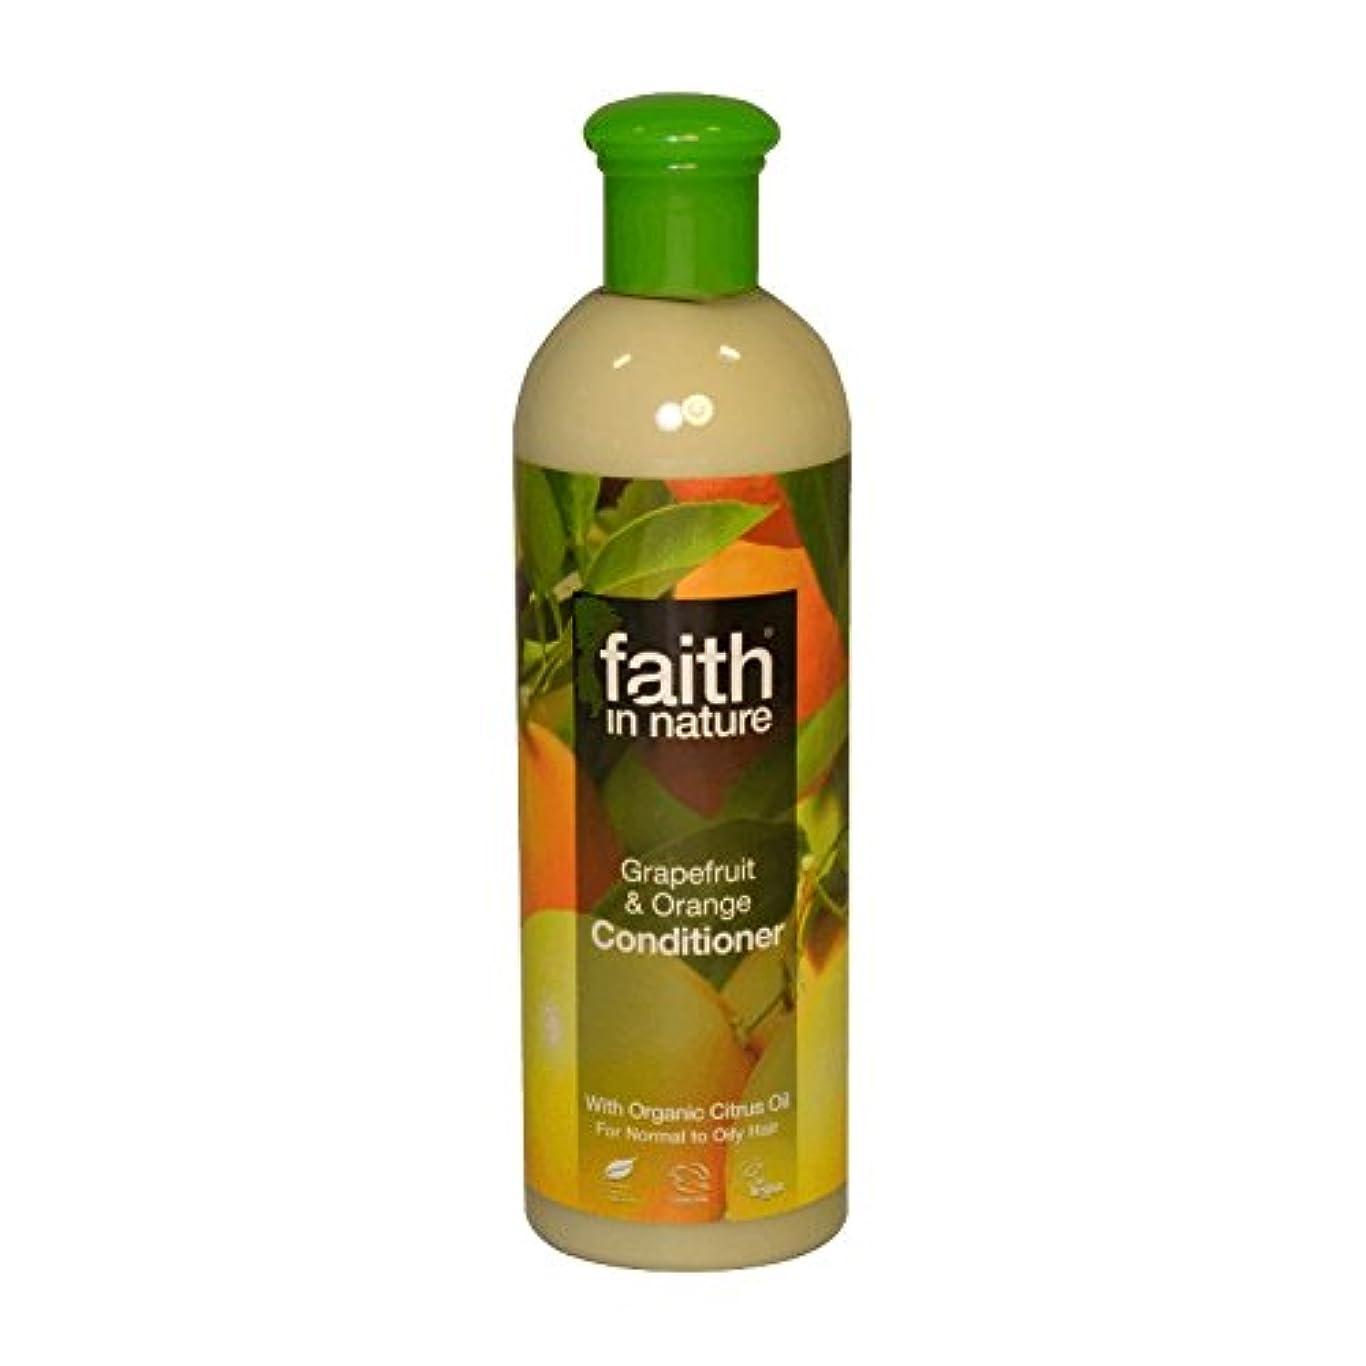 在庫損なう真珠のような自然グレープフルーツ&オレンジコンディショナー400ミリリットルの信仰 - Faith in Nature Grapefruit & Orange Conditioner 400ml (Faith in Nature) [並行輸入品]